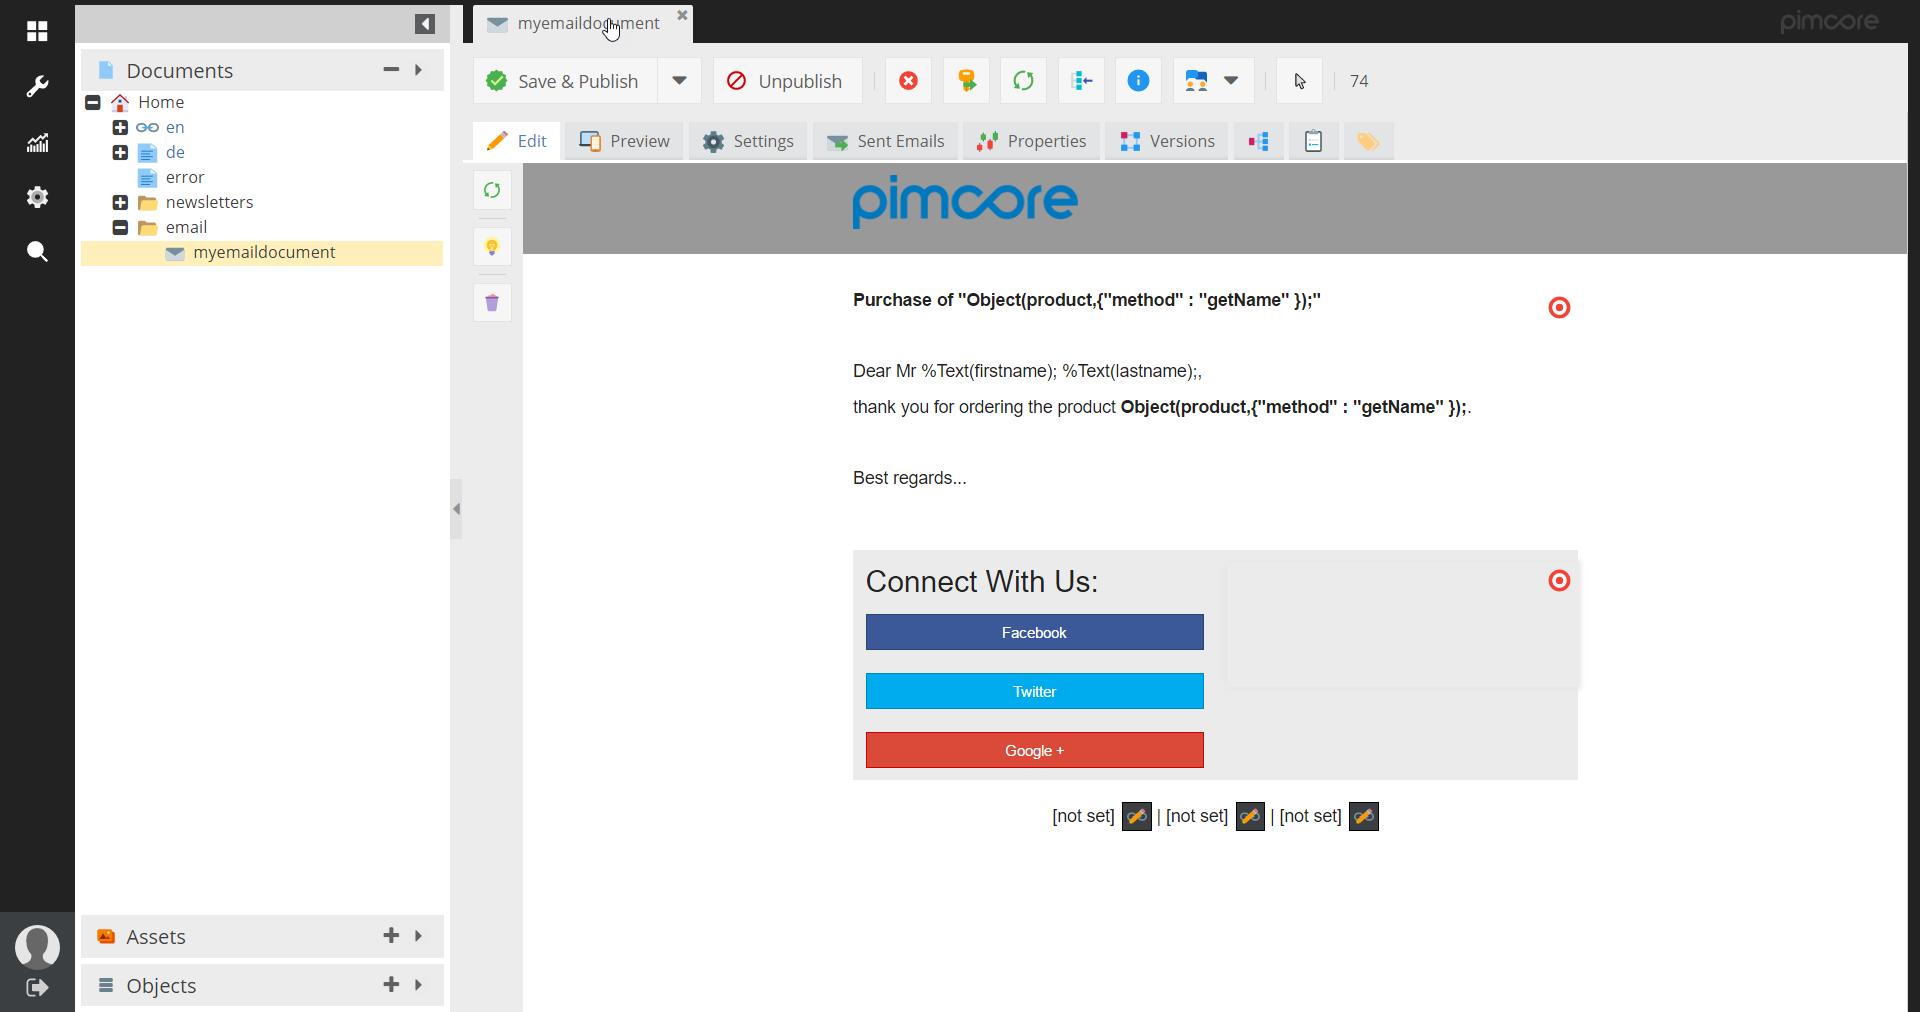 Email Framework - Pimcore